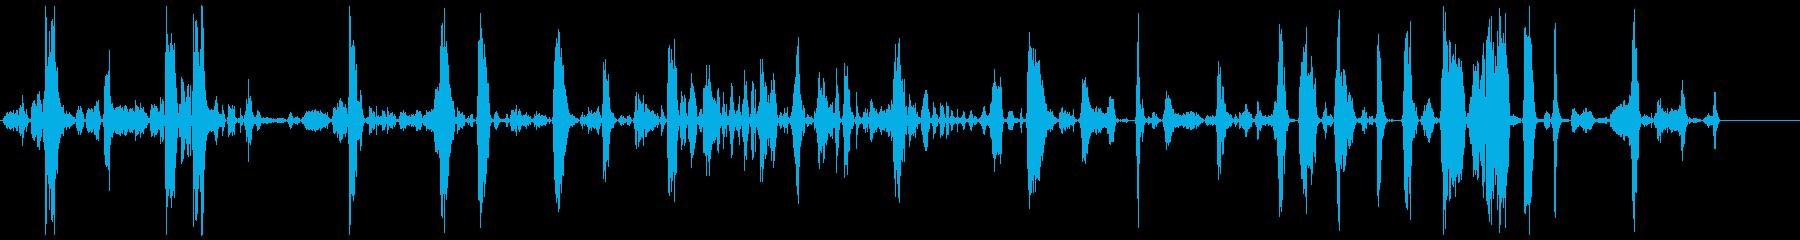 モンスター、タイプA、攻撃的の再生済みの波形